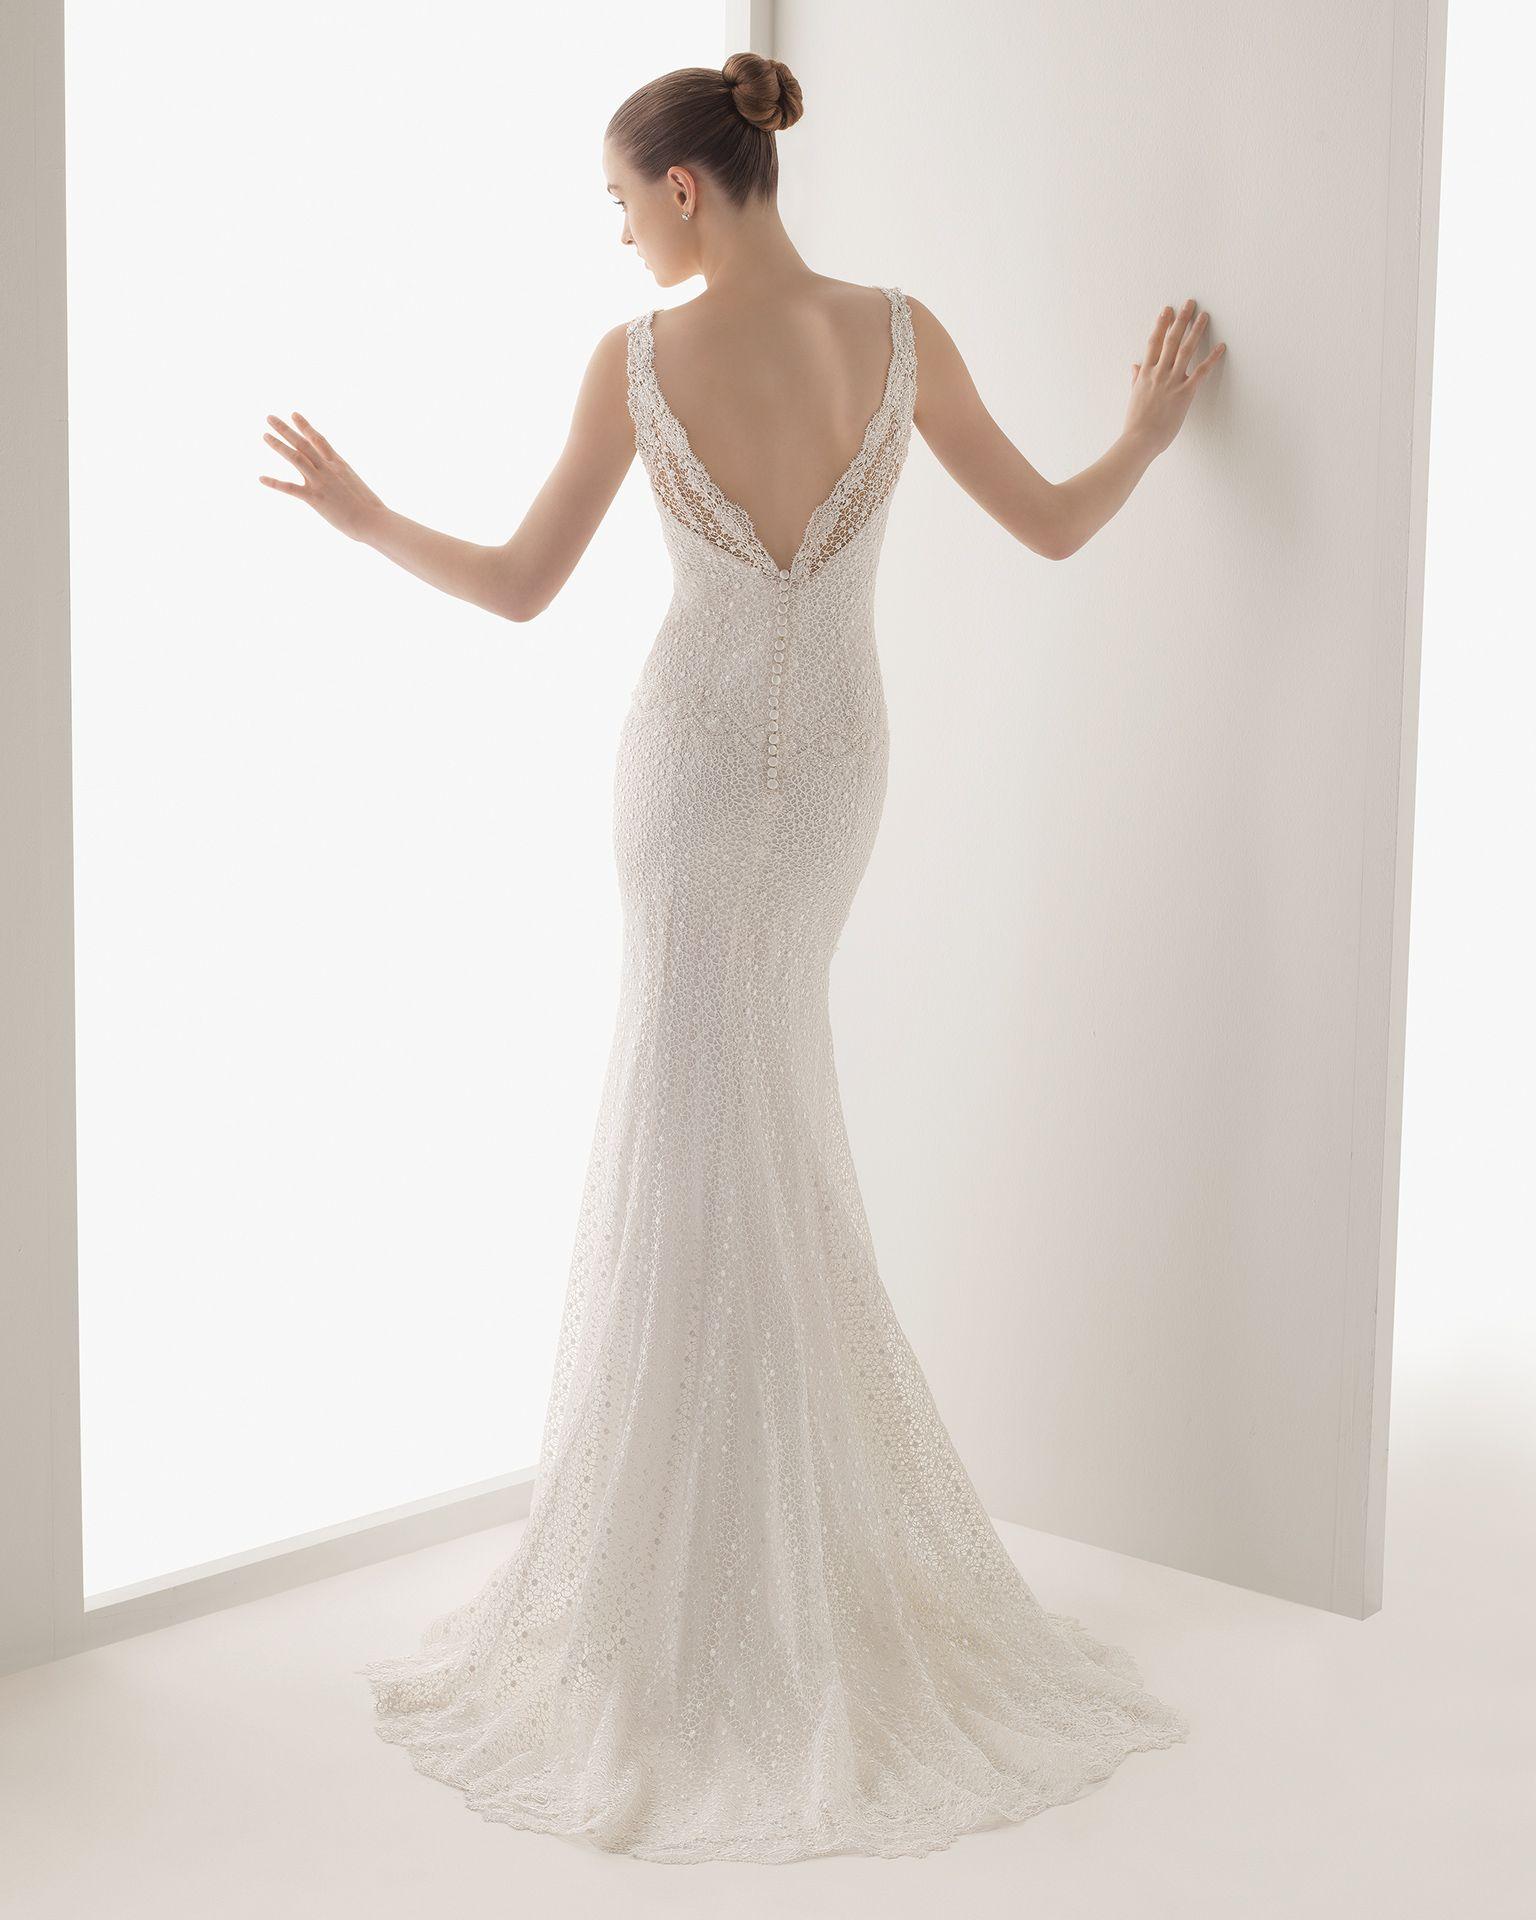 La plus belle robe d'une femme restera